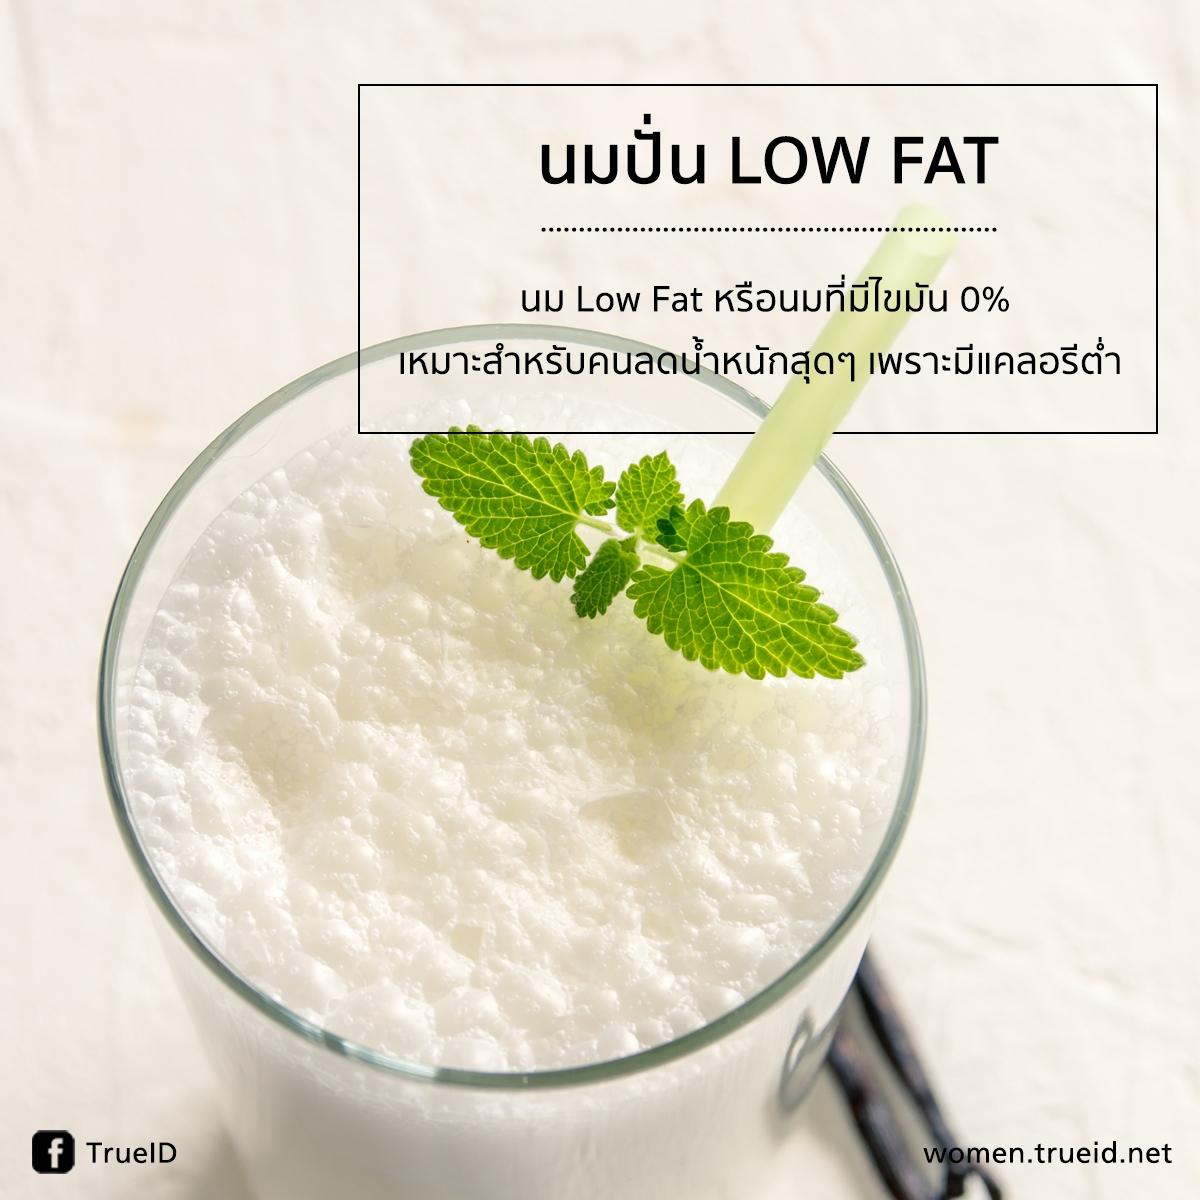 8 เมนูน้ำปั่น ลดน้ำหนัก กินง่าย ไม่มีผัก สั่งตามร้านได้ พุงไม่ยื่นแน่นอน!